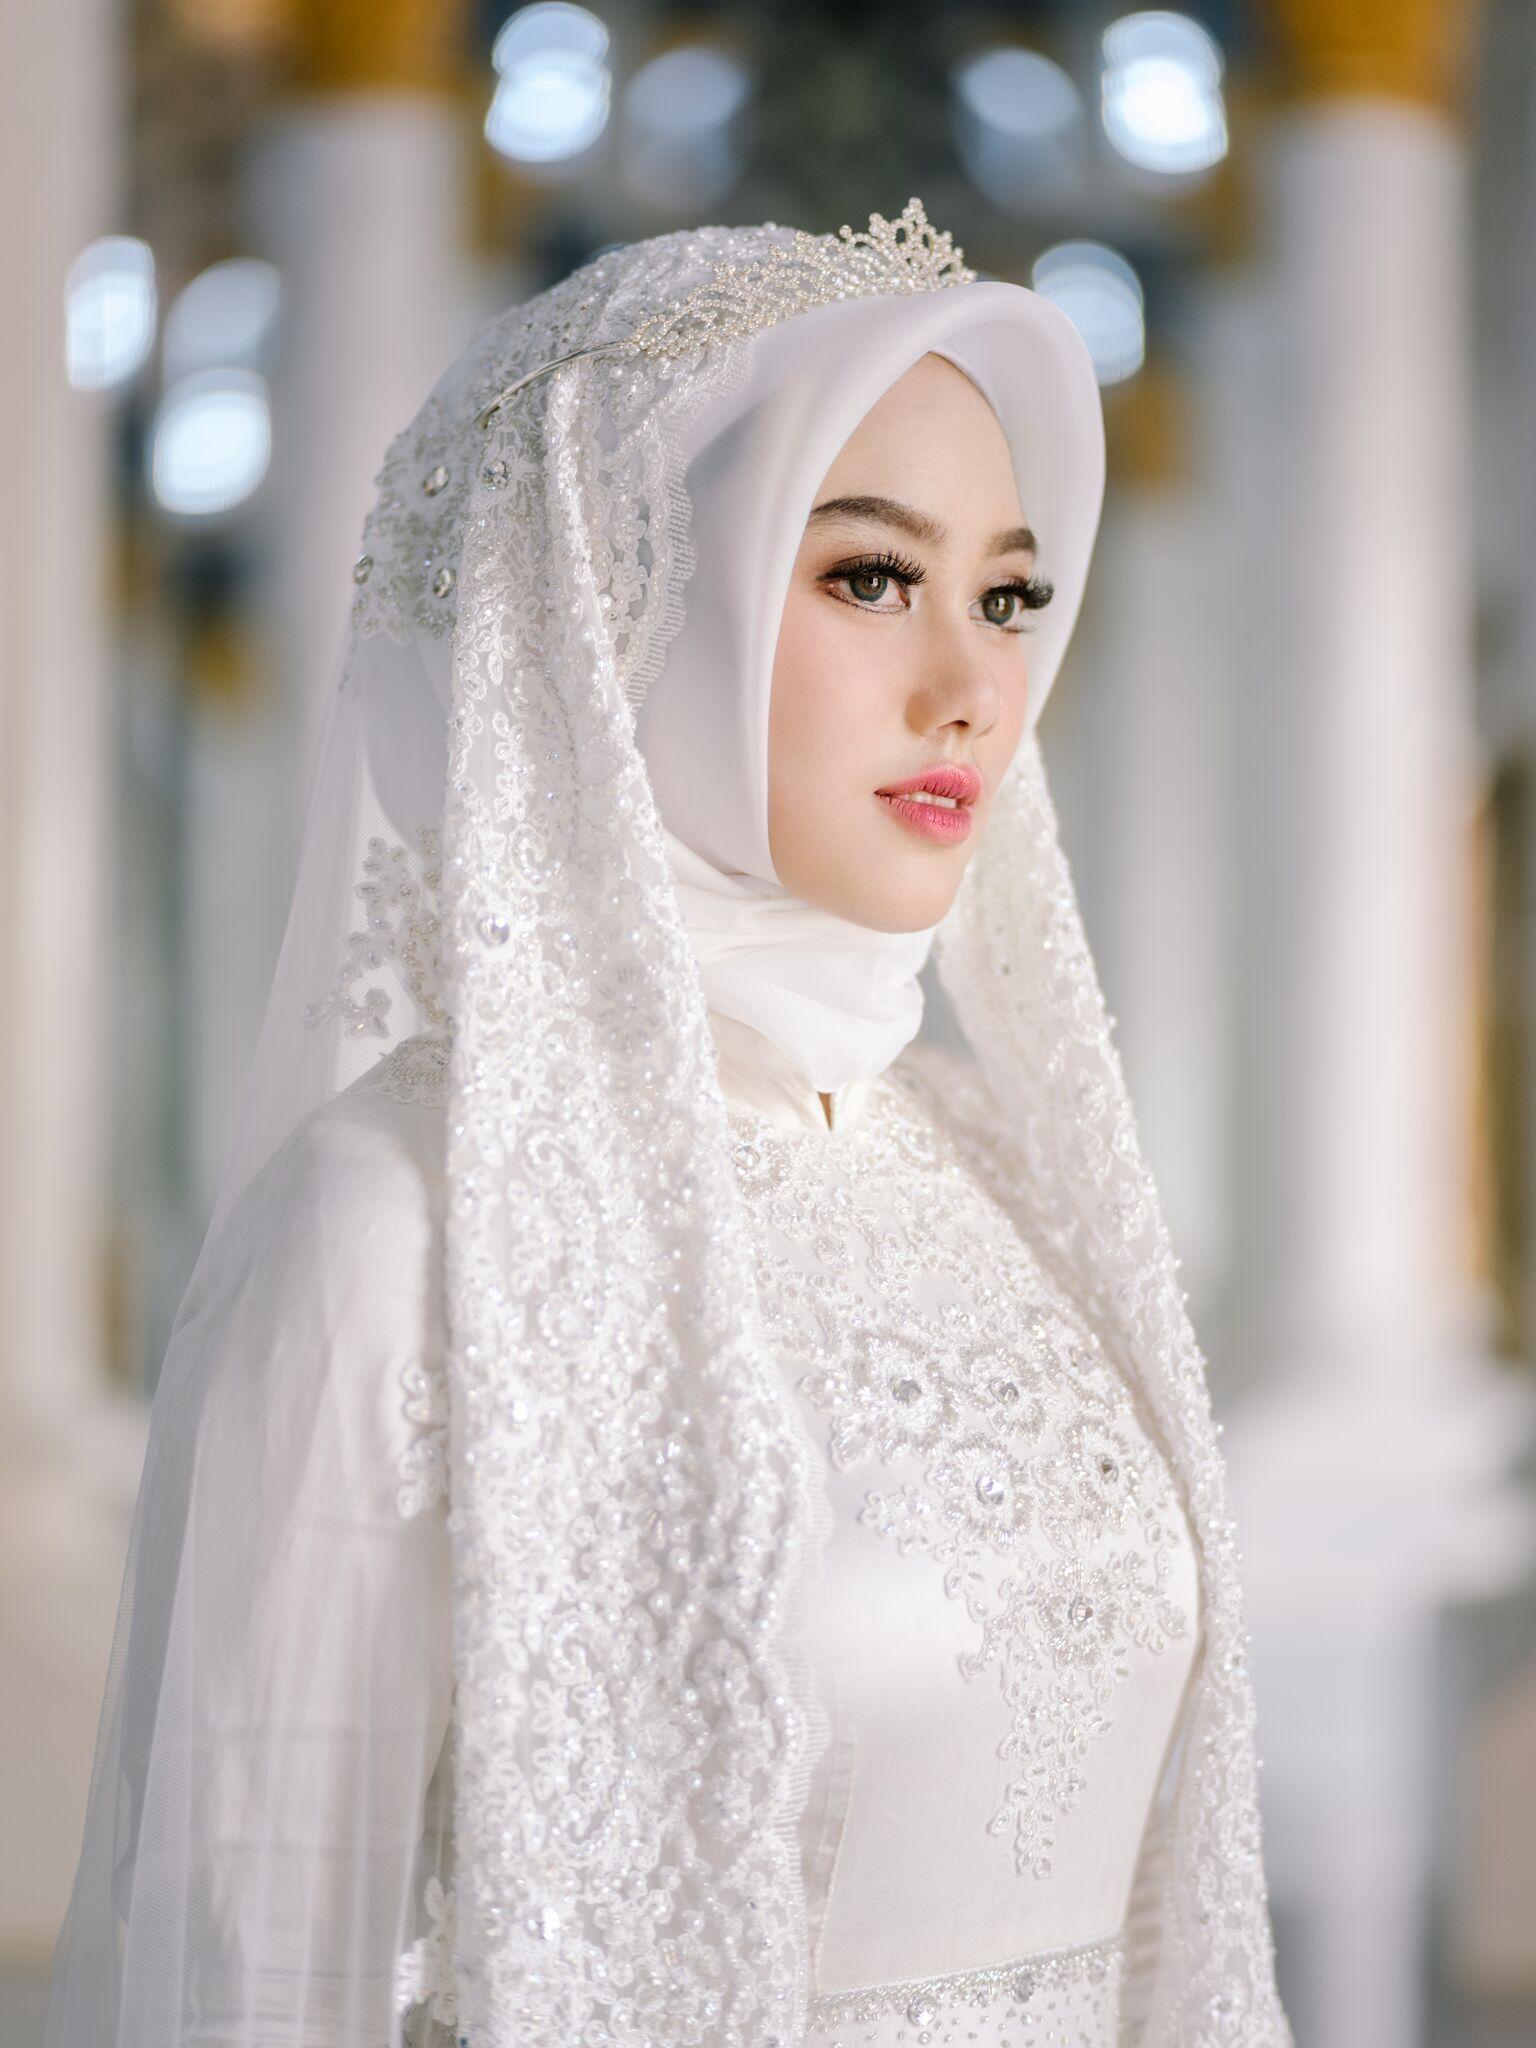 Muslim Fashion 2019 Di 2019 Gaun Perkawinan Gaun